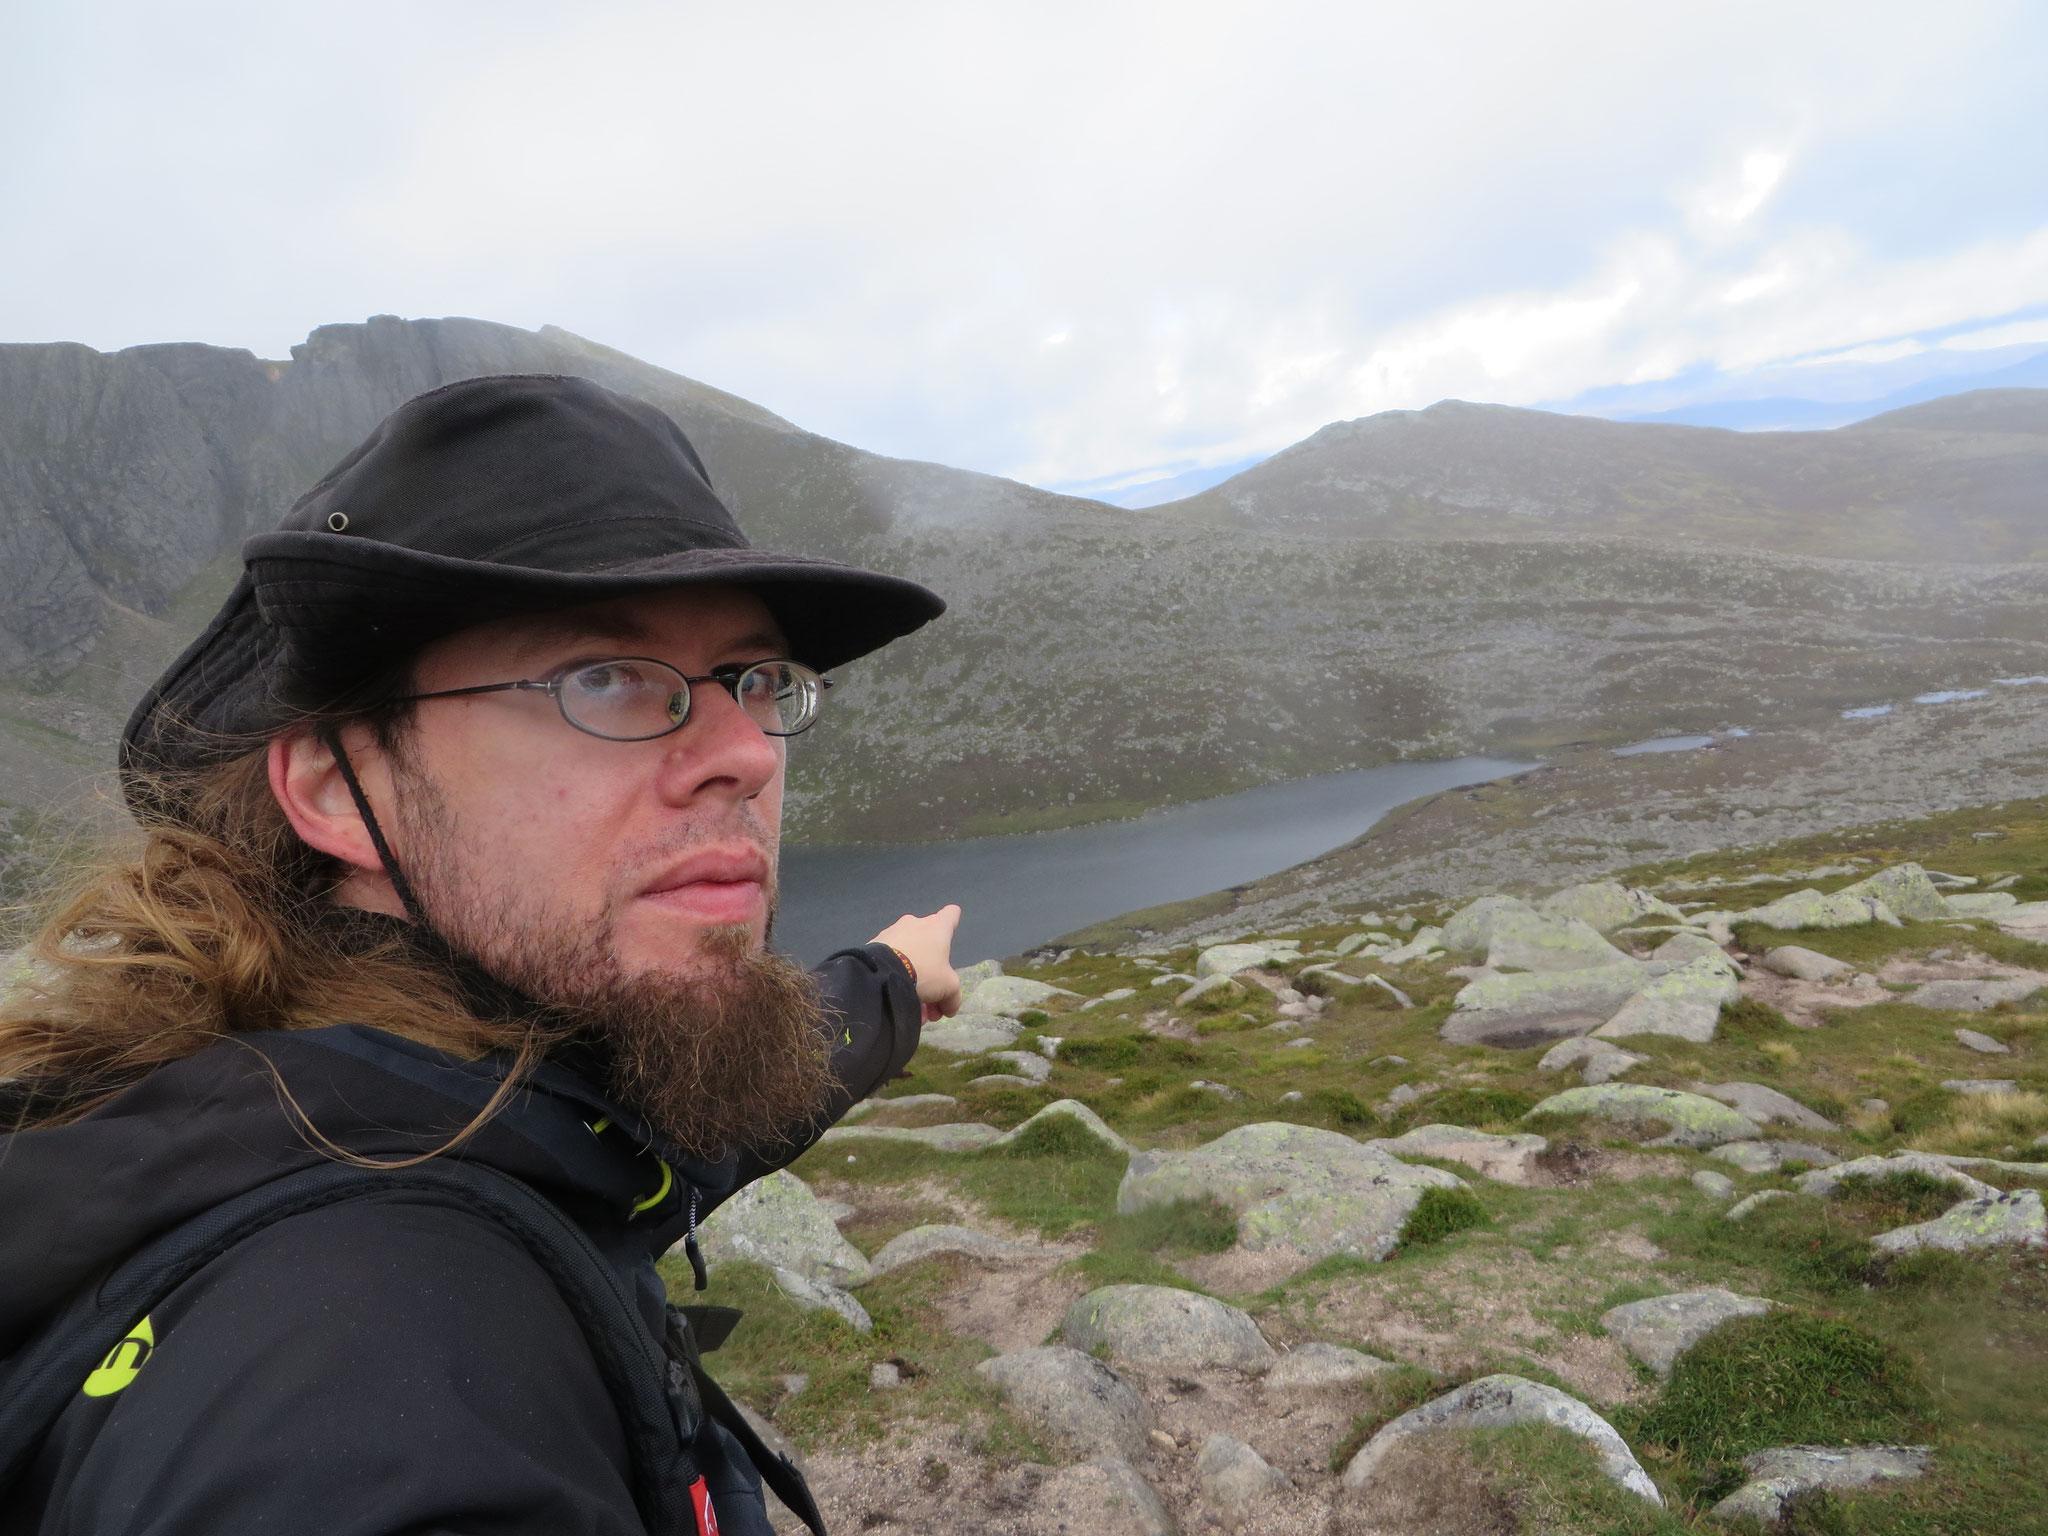 Der See ist erreicht - zum Gipfel wartete noch eine Gratwanderung.